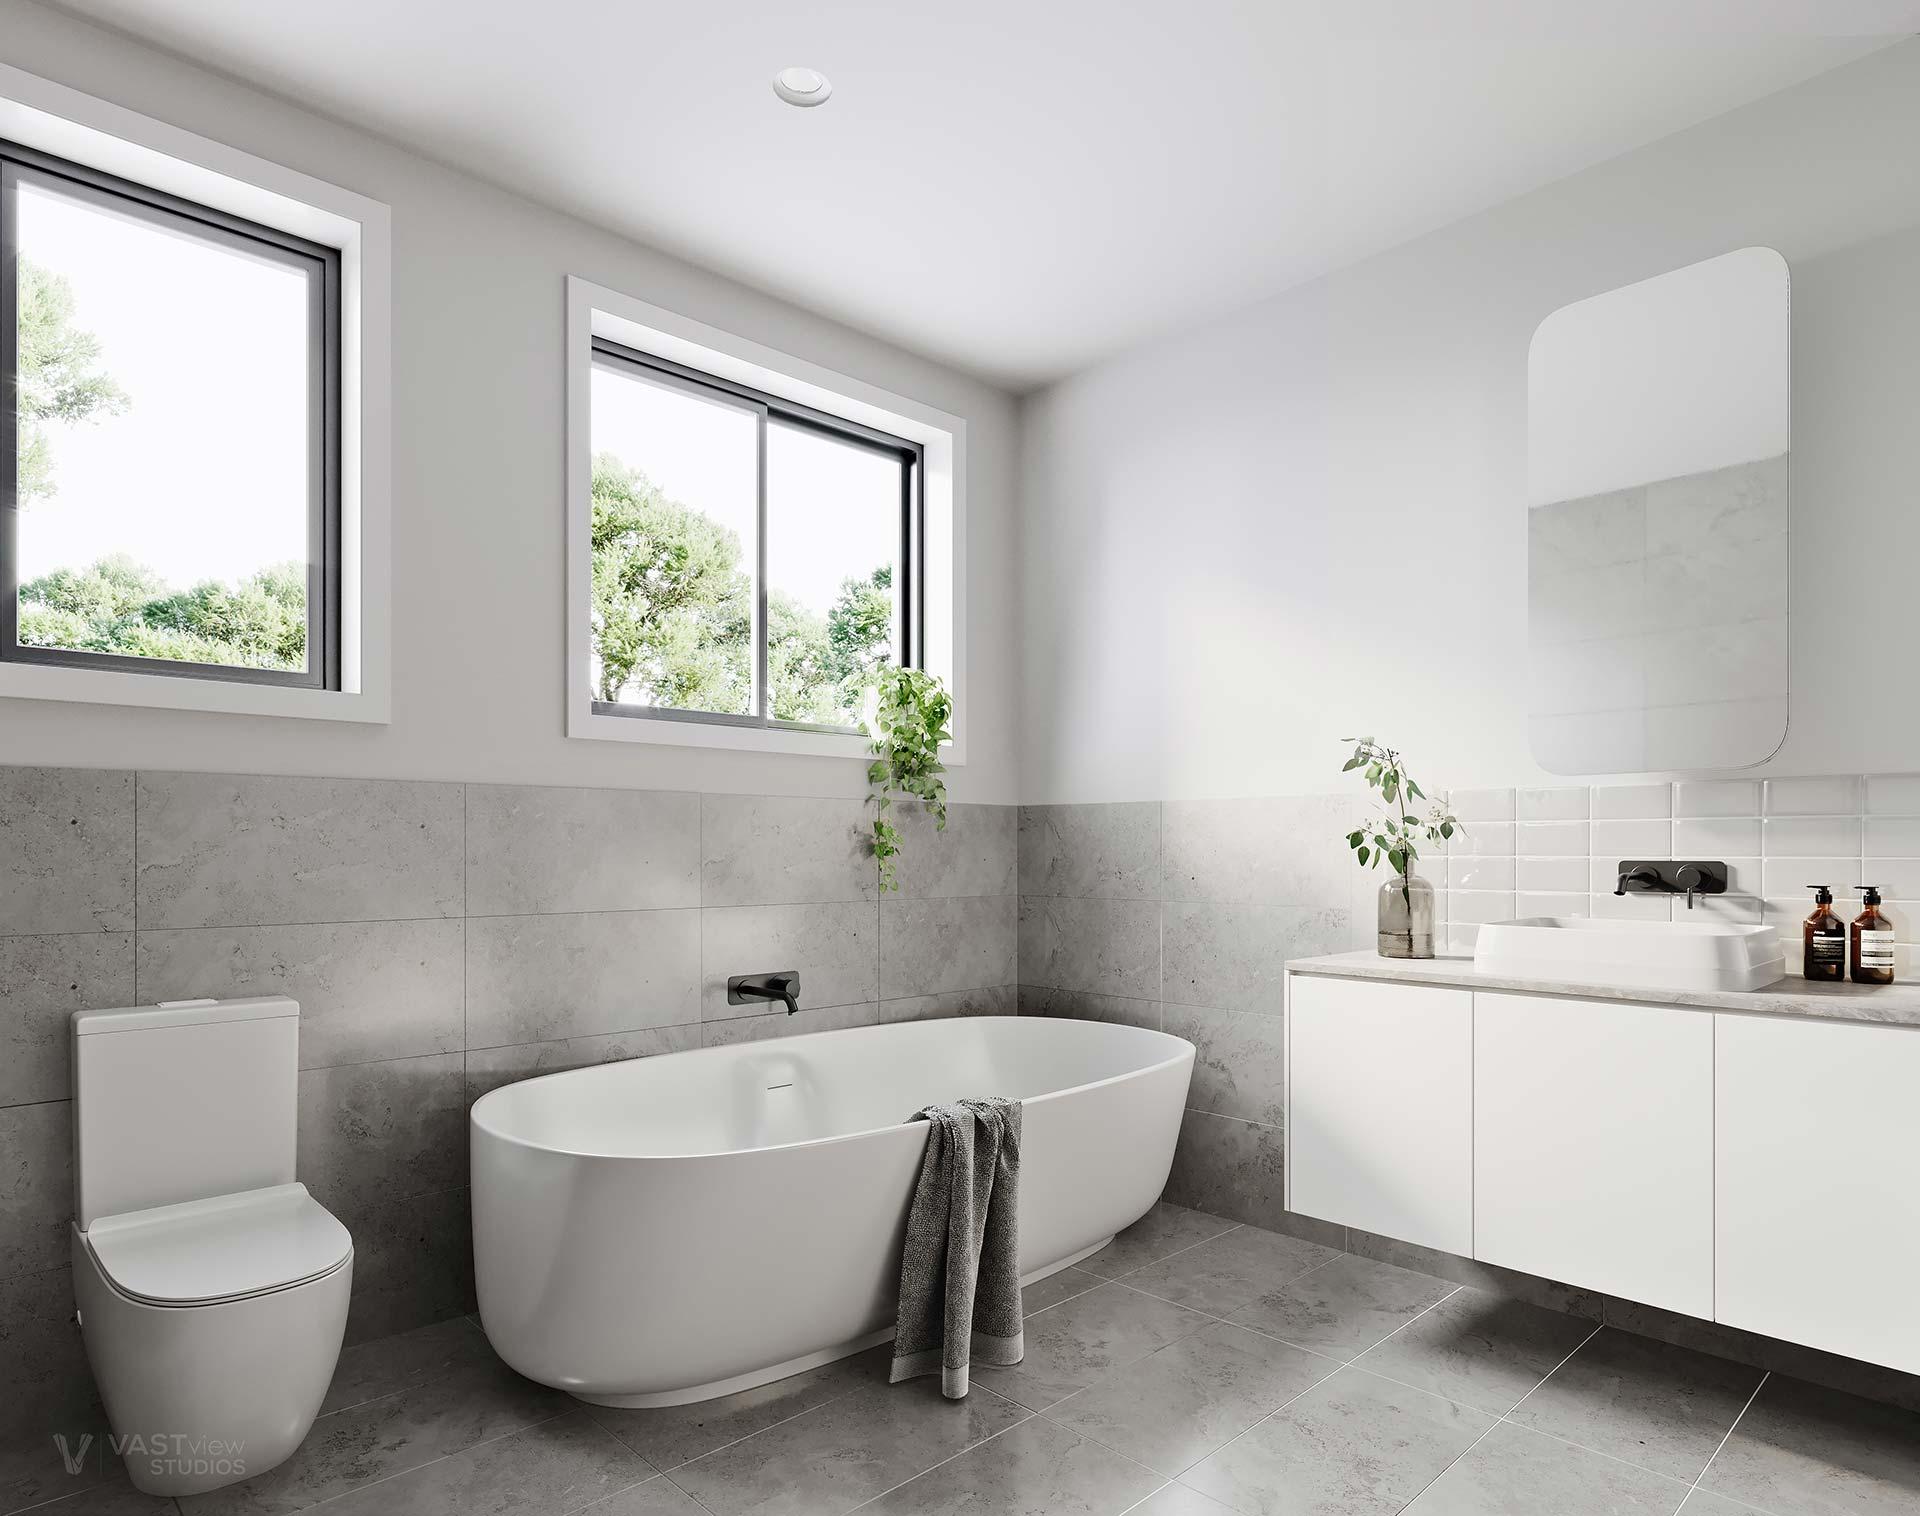 BellevueAve_Bathroom_FinalRender_v1.0